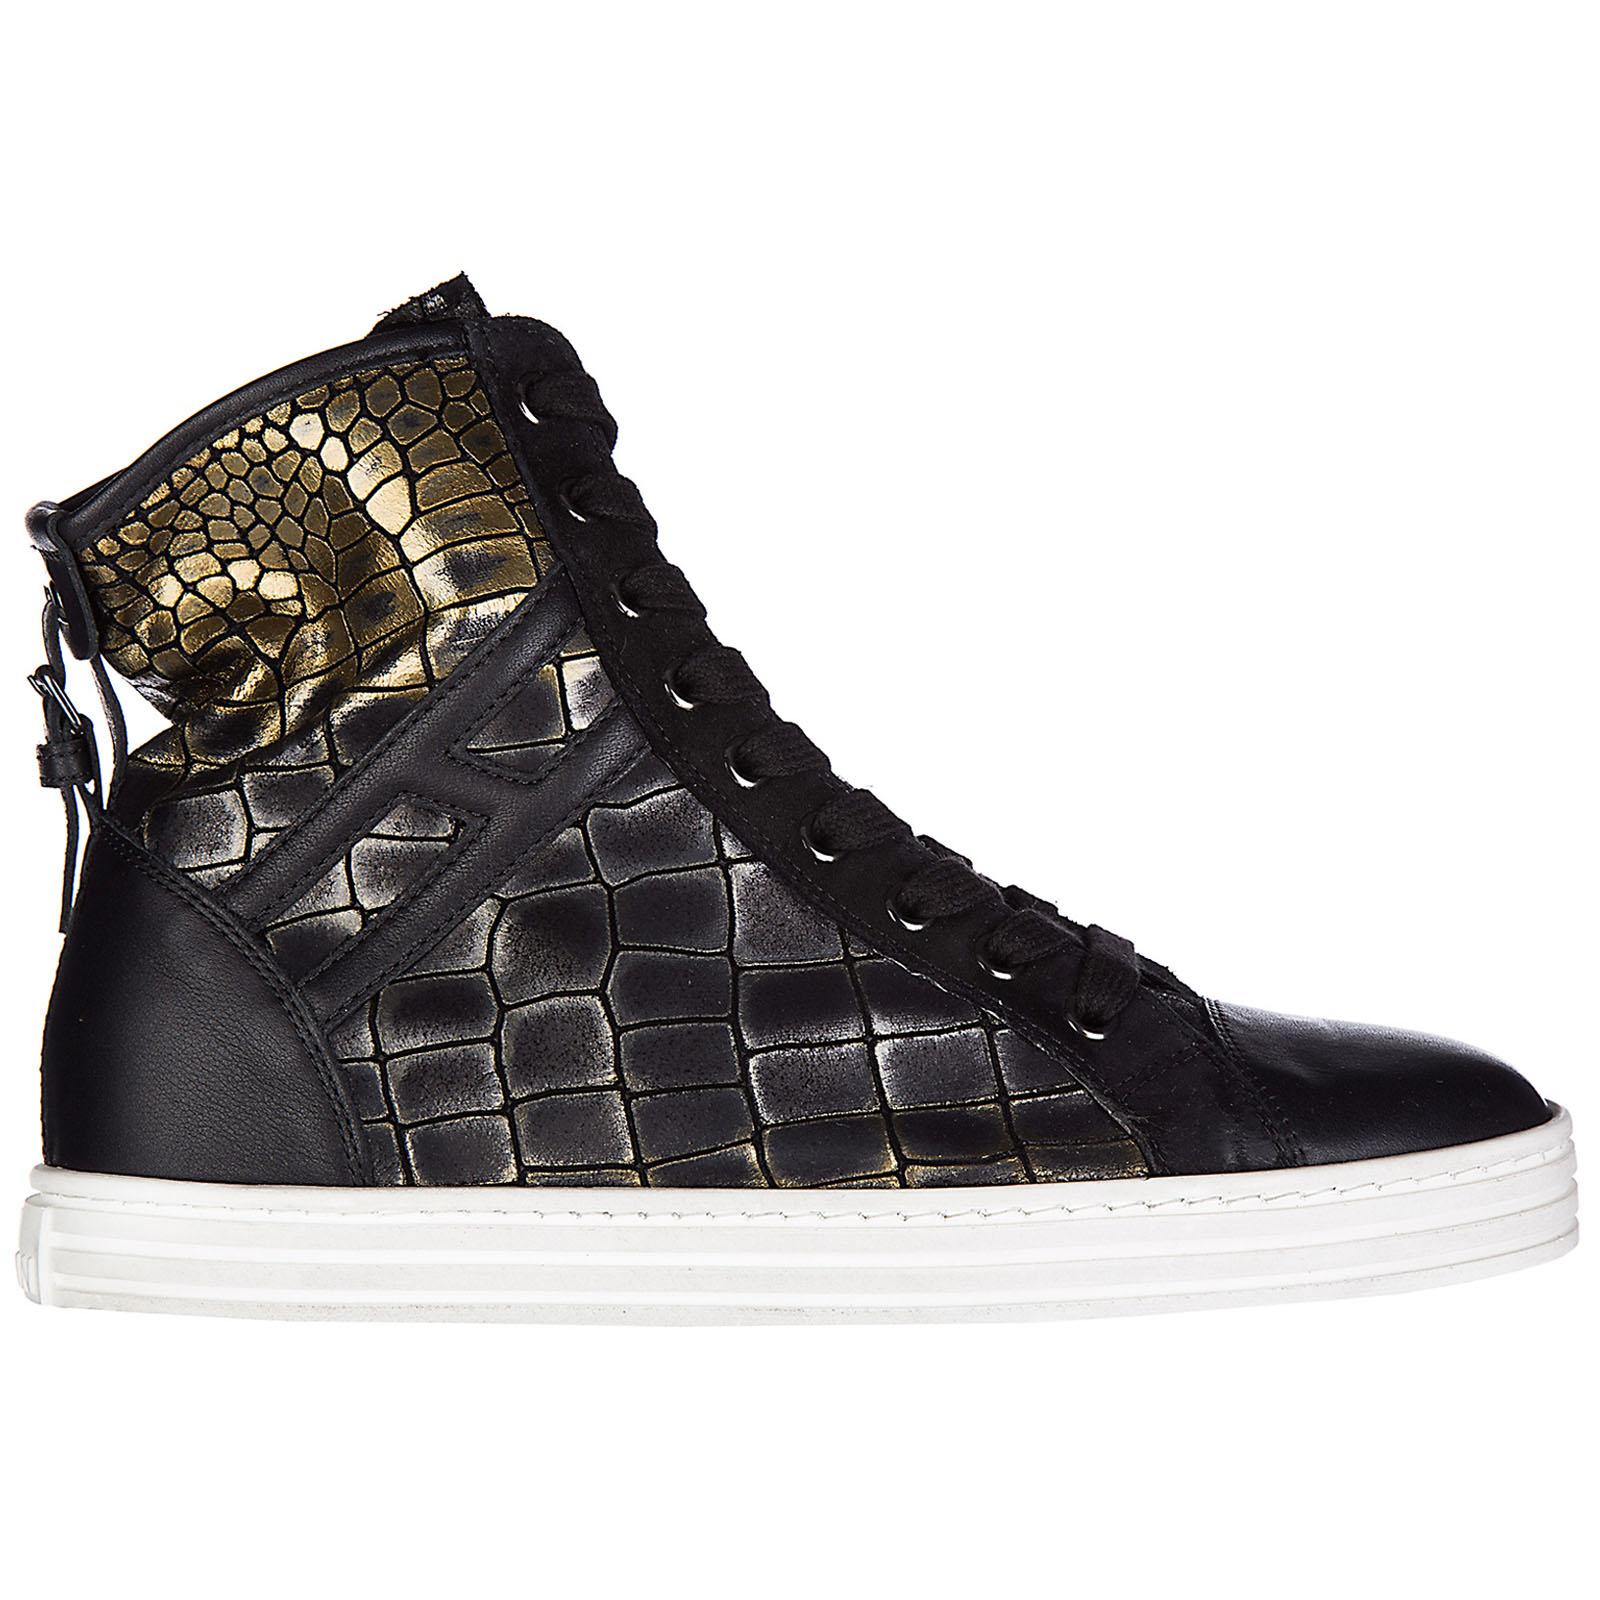 Scarpe sneakers alte donna in pelle r182 allacciato cinturino